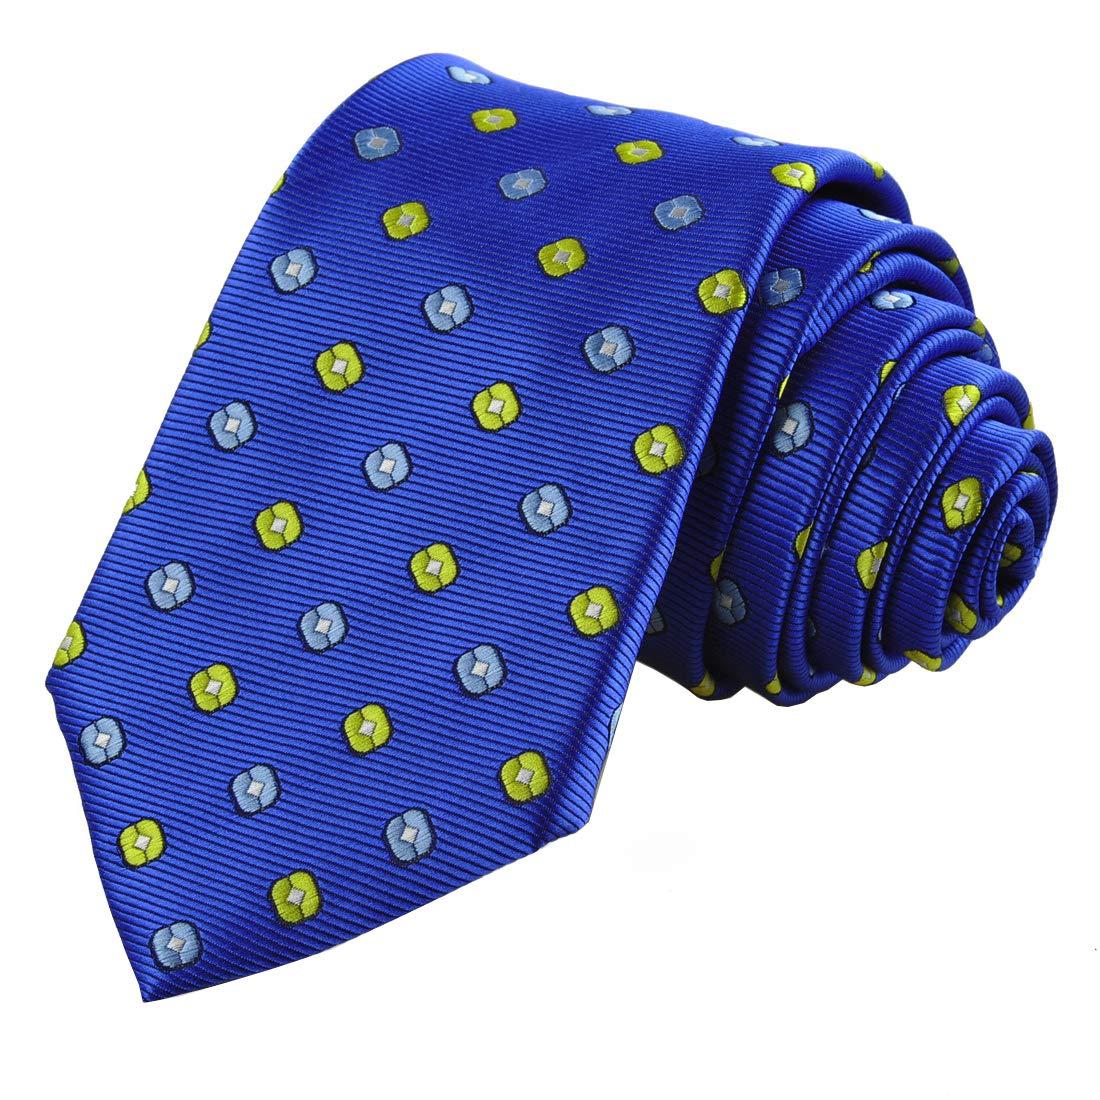 Gift Box KissTies Polka Dot Tie Mens Necktie Wedding Ties